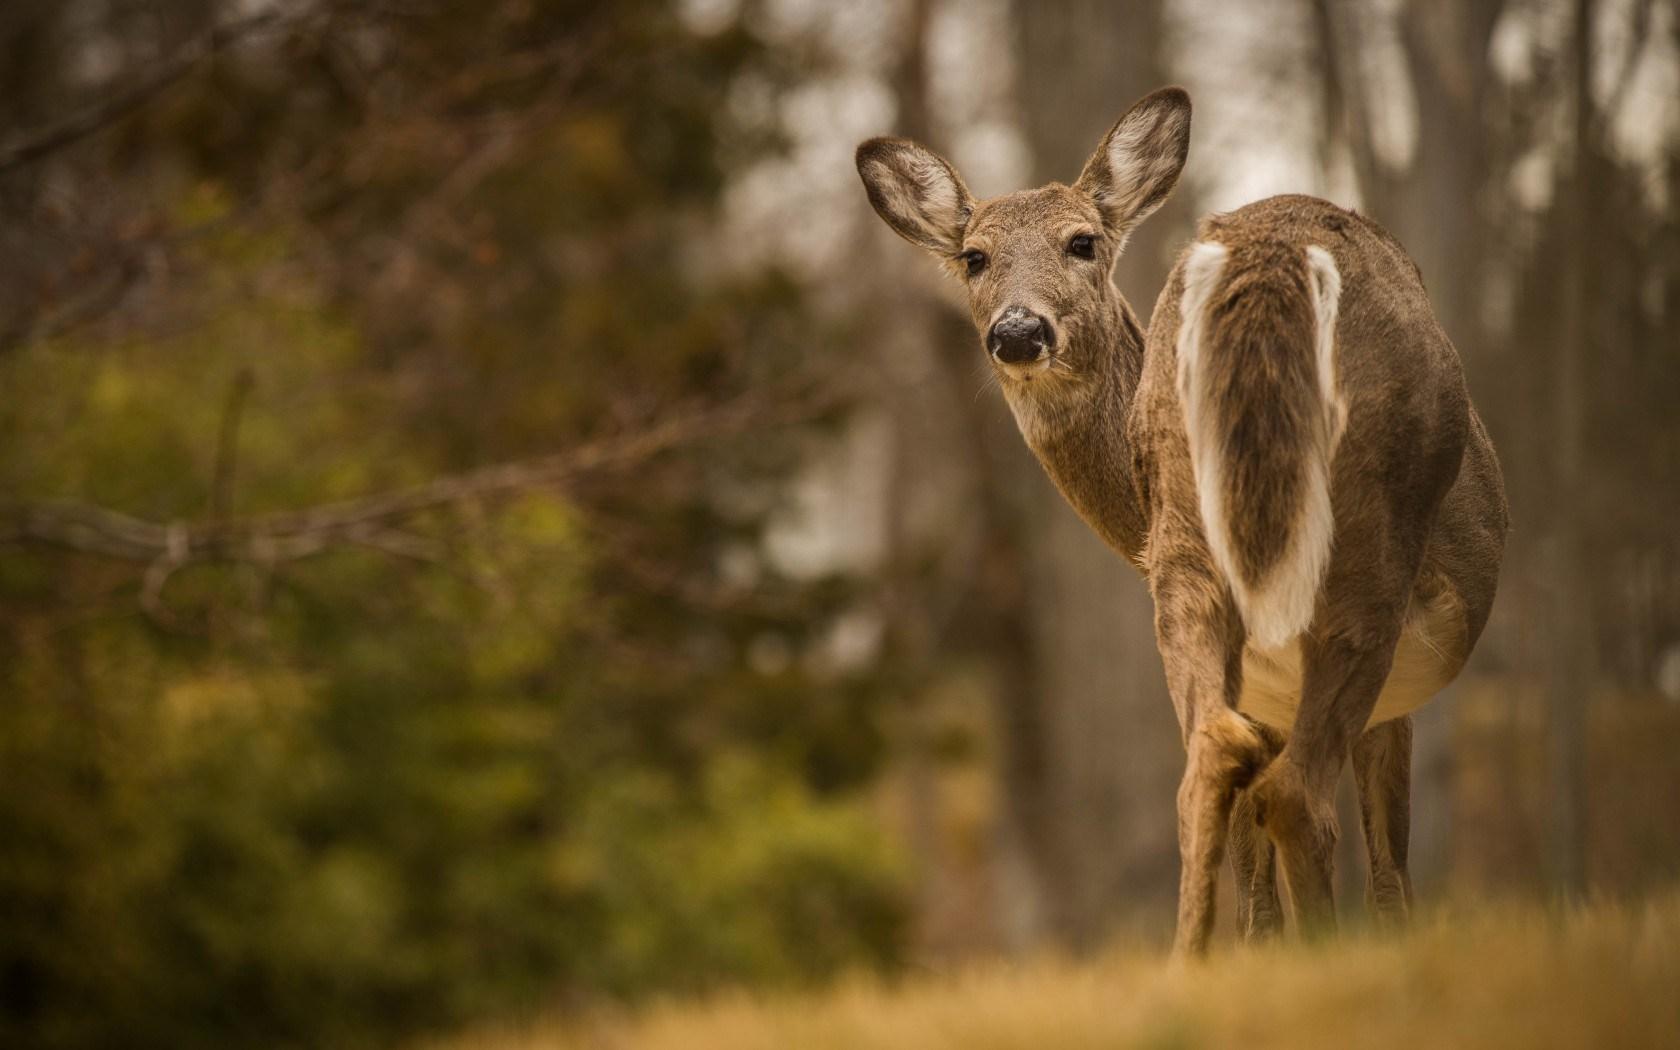 Deer Forest Nature